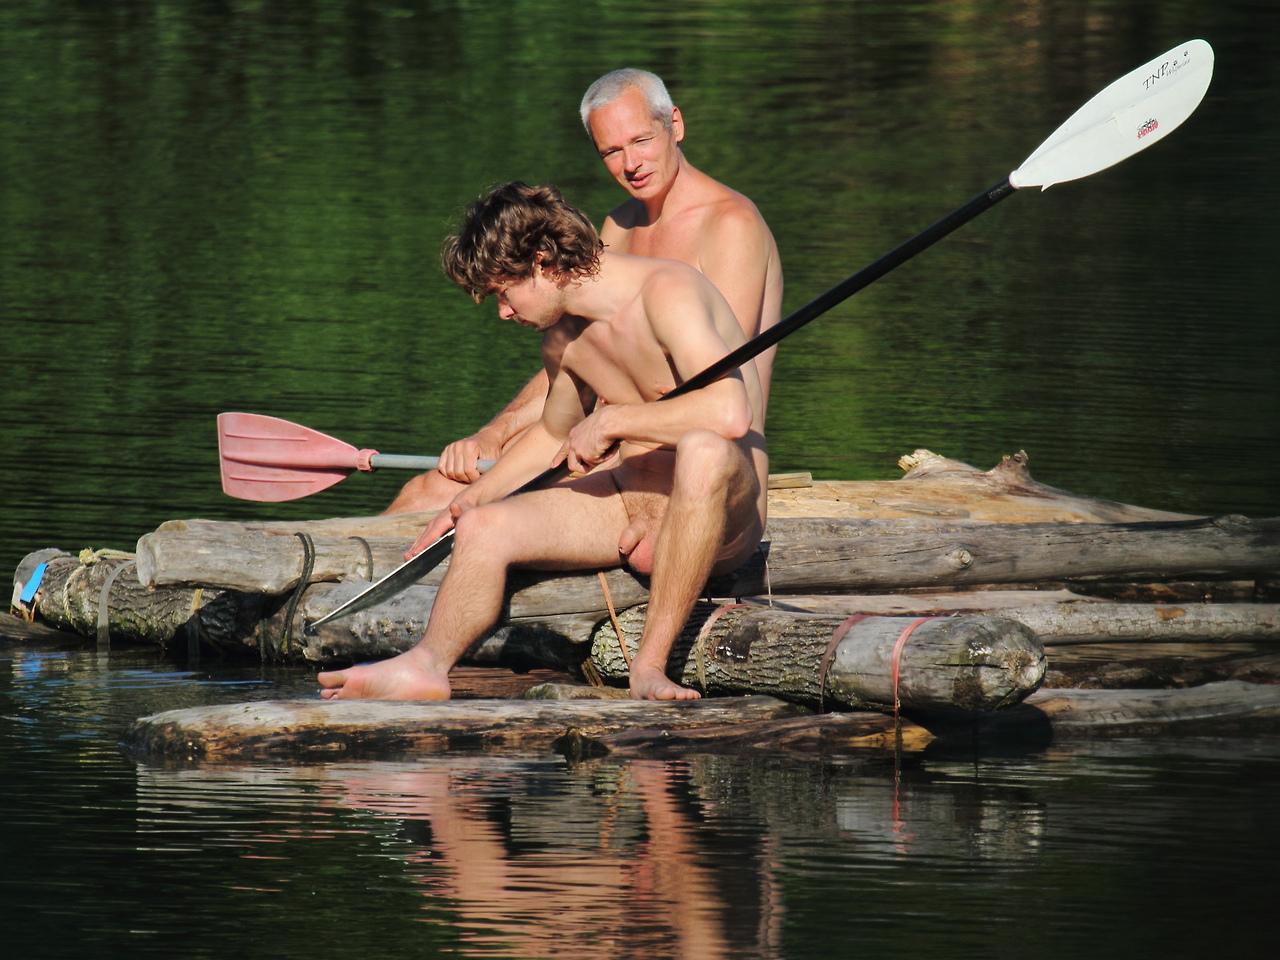 Voyeur boys nude